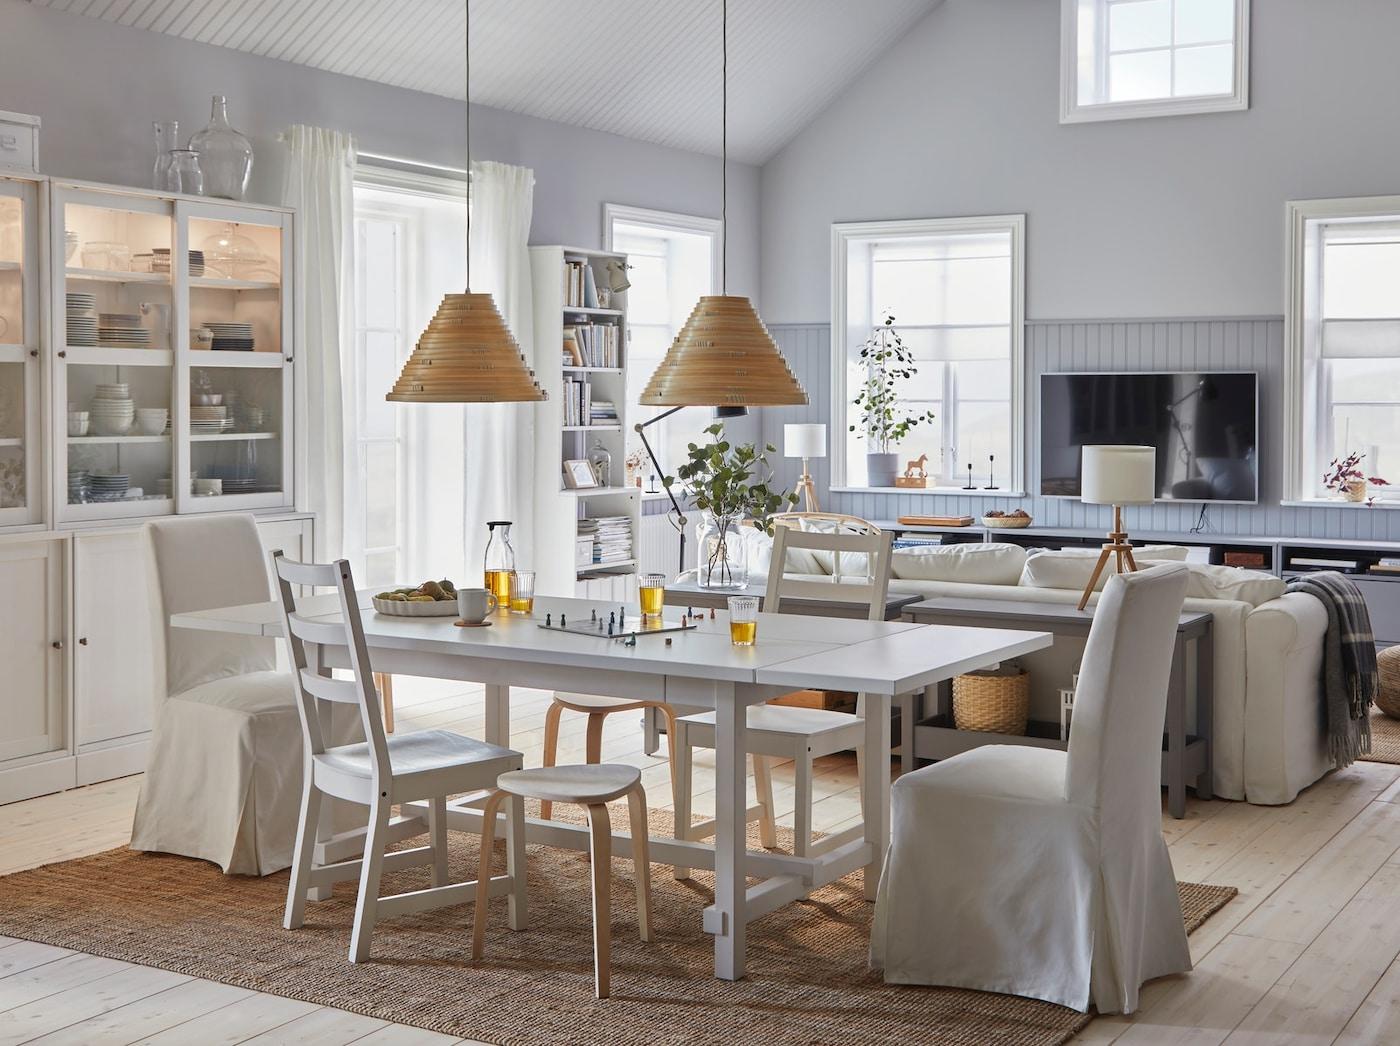 Esszimmer & Essbereich: Ideen & Inspirationen - IKEA Deutschland